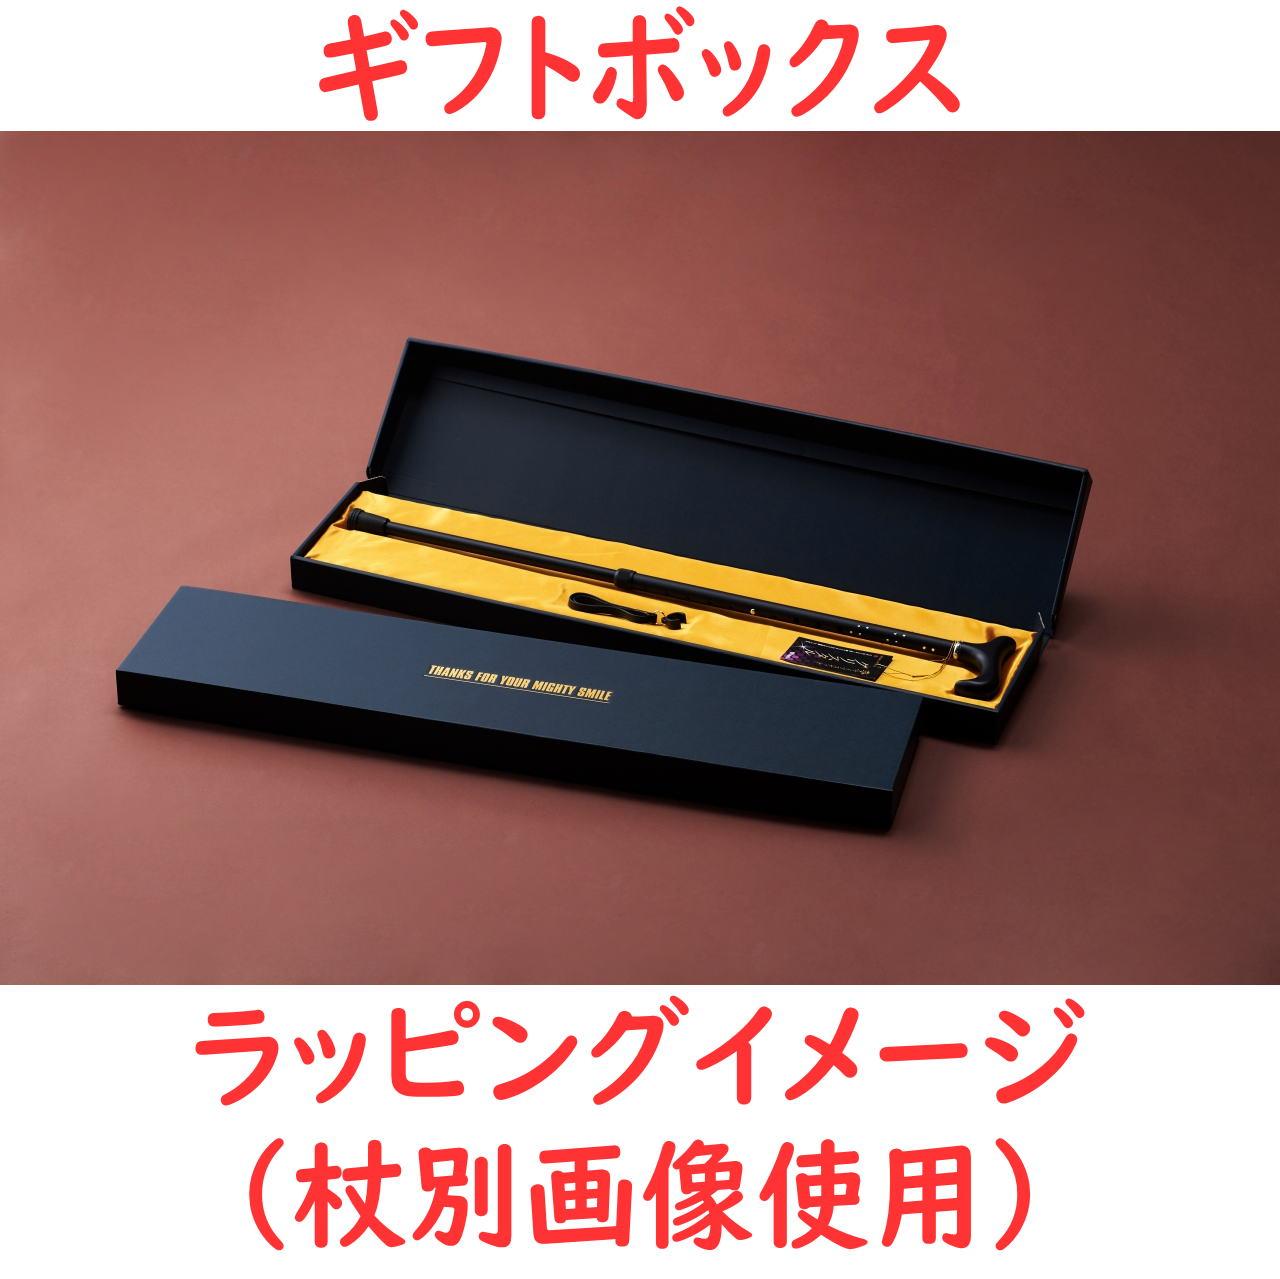 ☆ギフトボックス可☆ 夢ライフステッキ 柄杖伸縮型(スリムタイプ) 桜ワイン